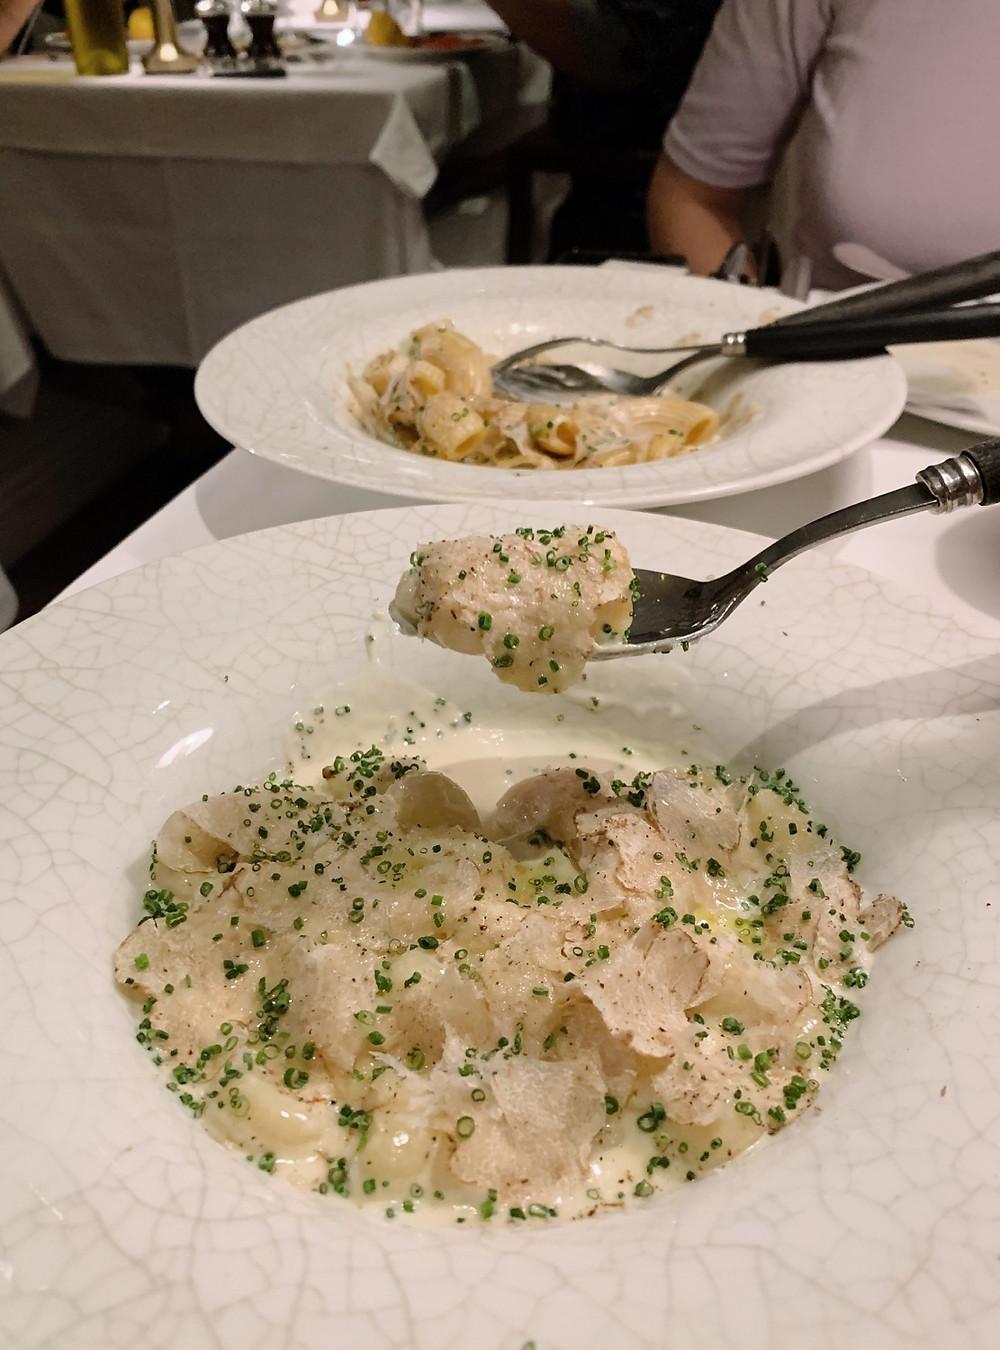 Gnocci at Interiors at La Petite Maison LPM Restaurant & Bar in Hong Kong